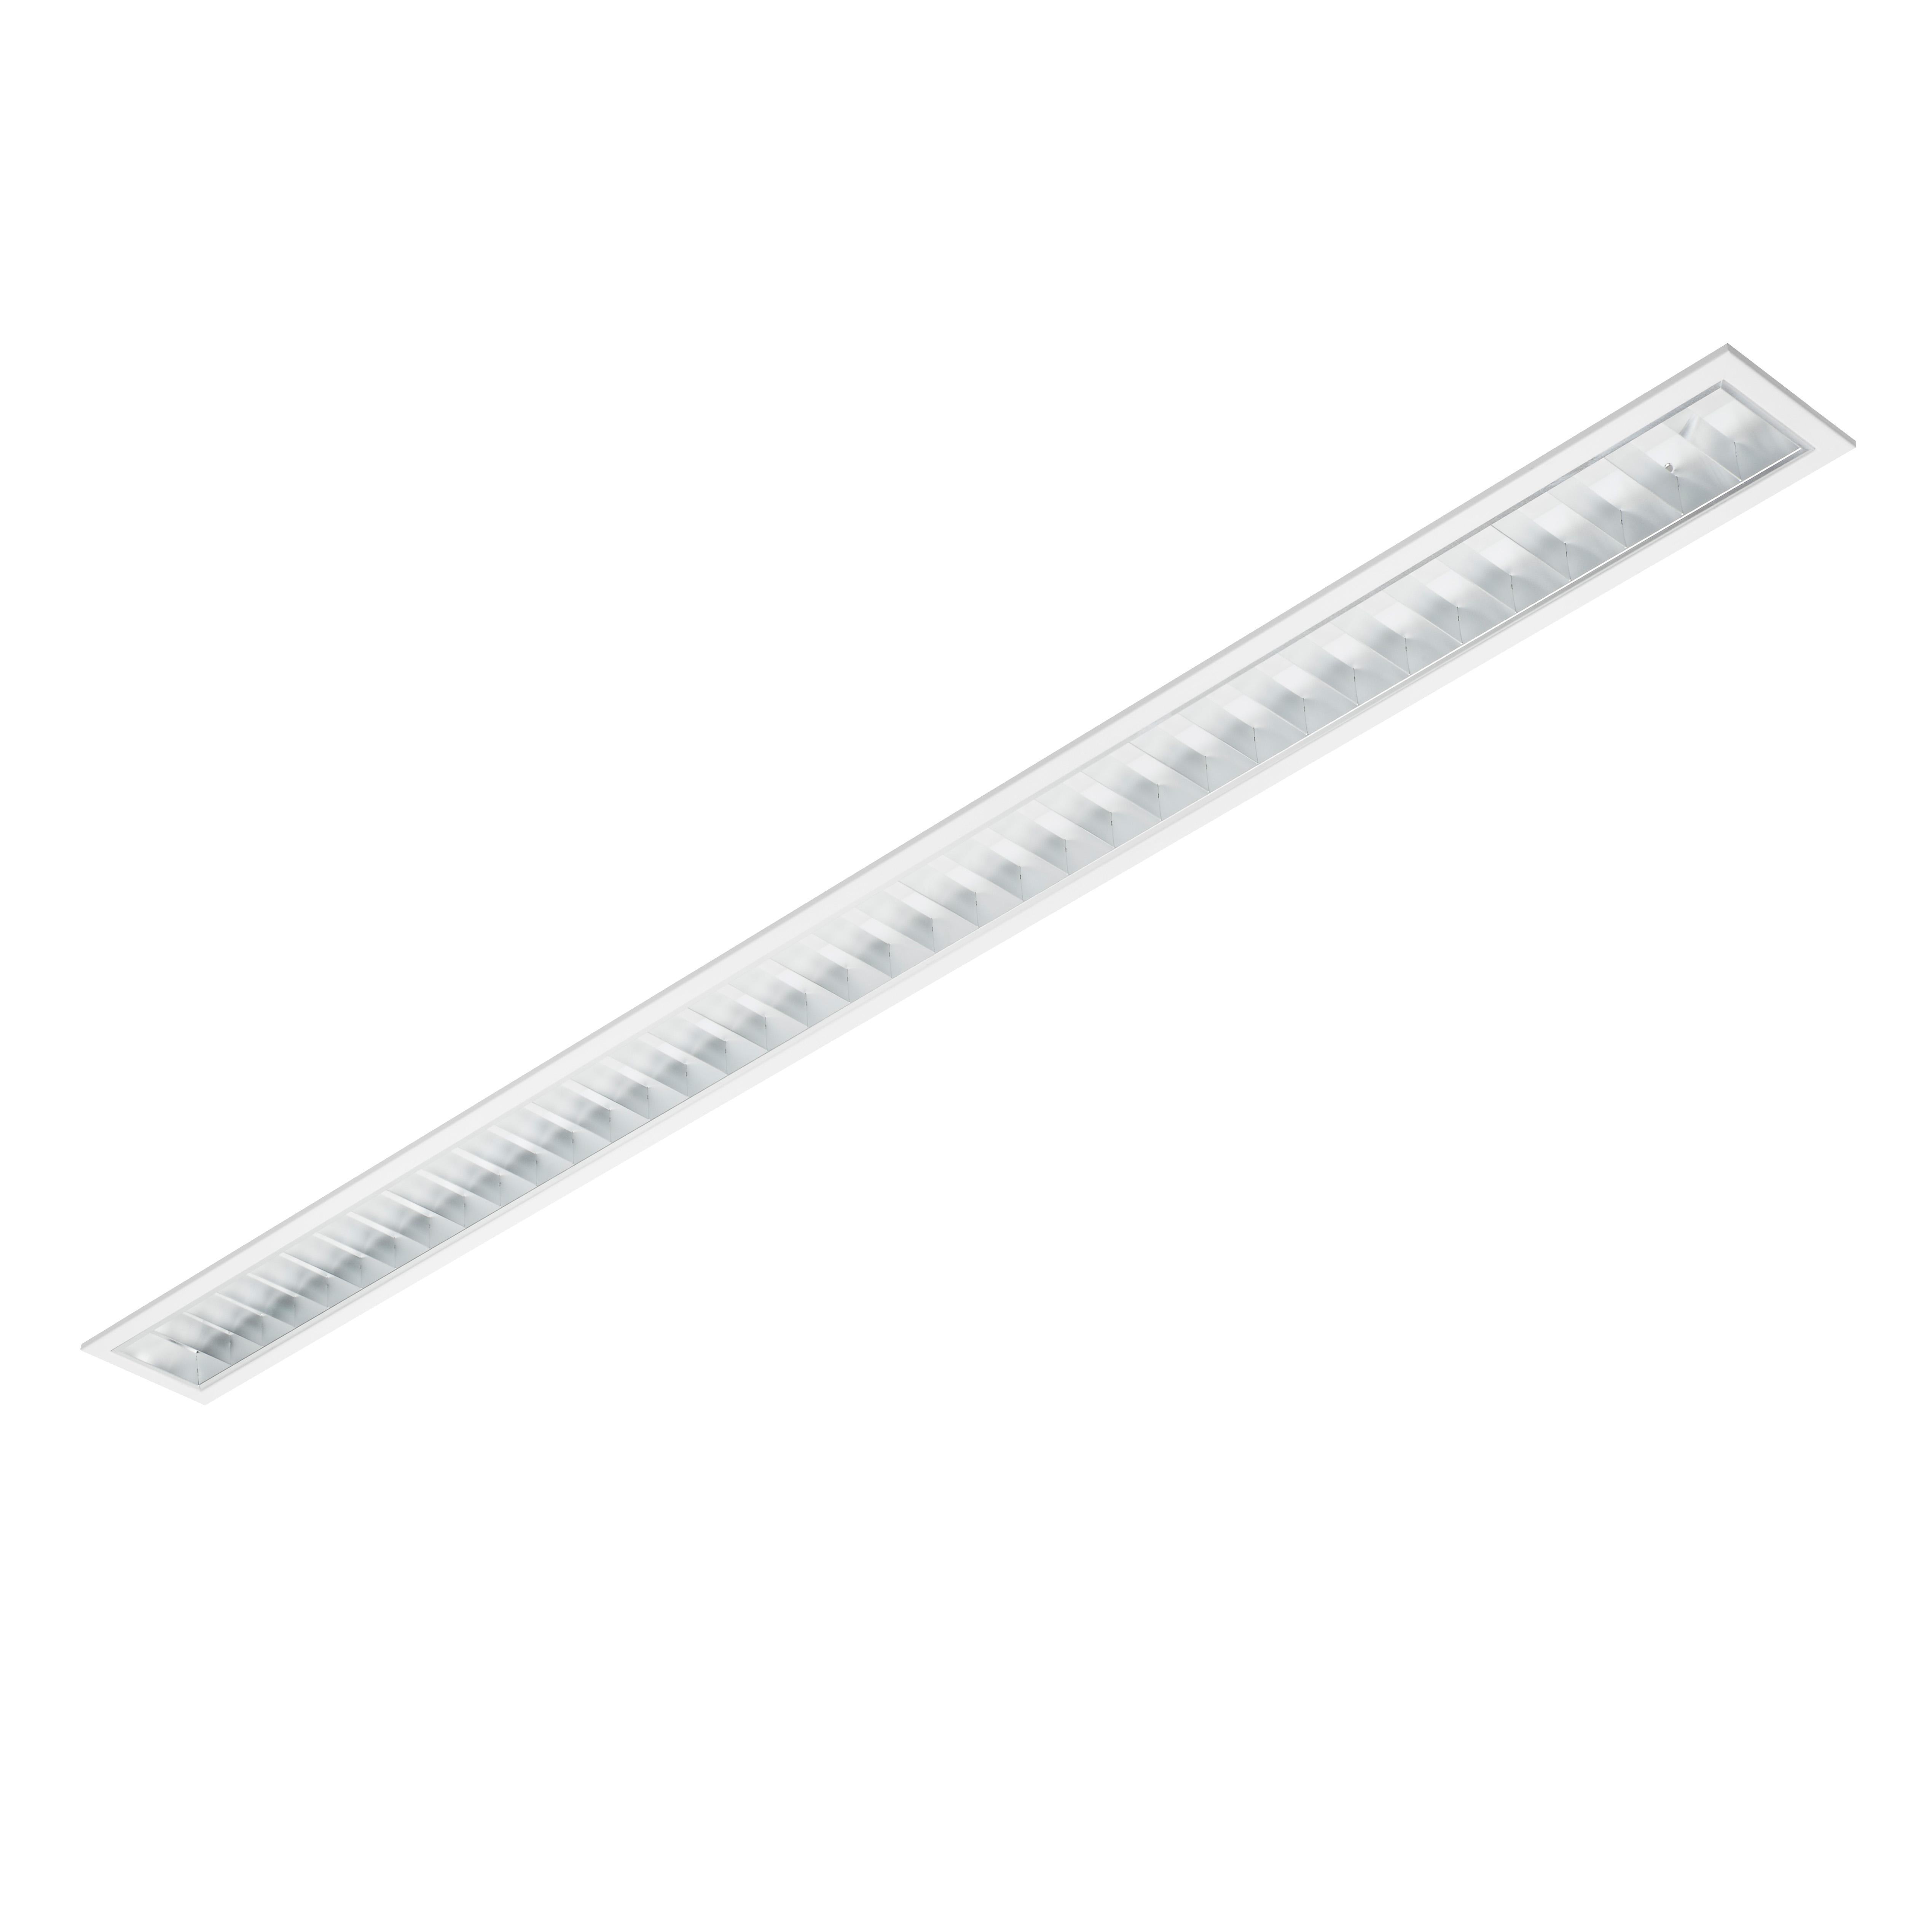 1 Stk SERM LED 112 L 1x56W 4000K, 6700lm Ra>80, weiß, DALI LI99001714